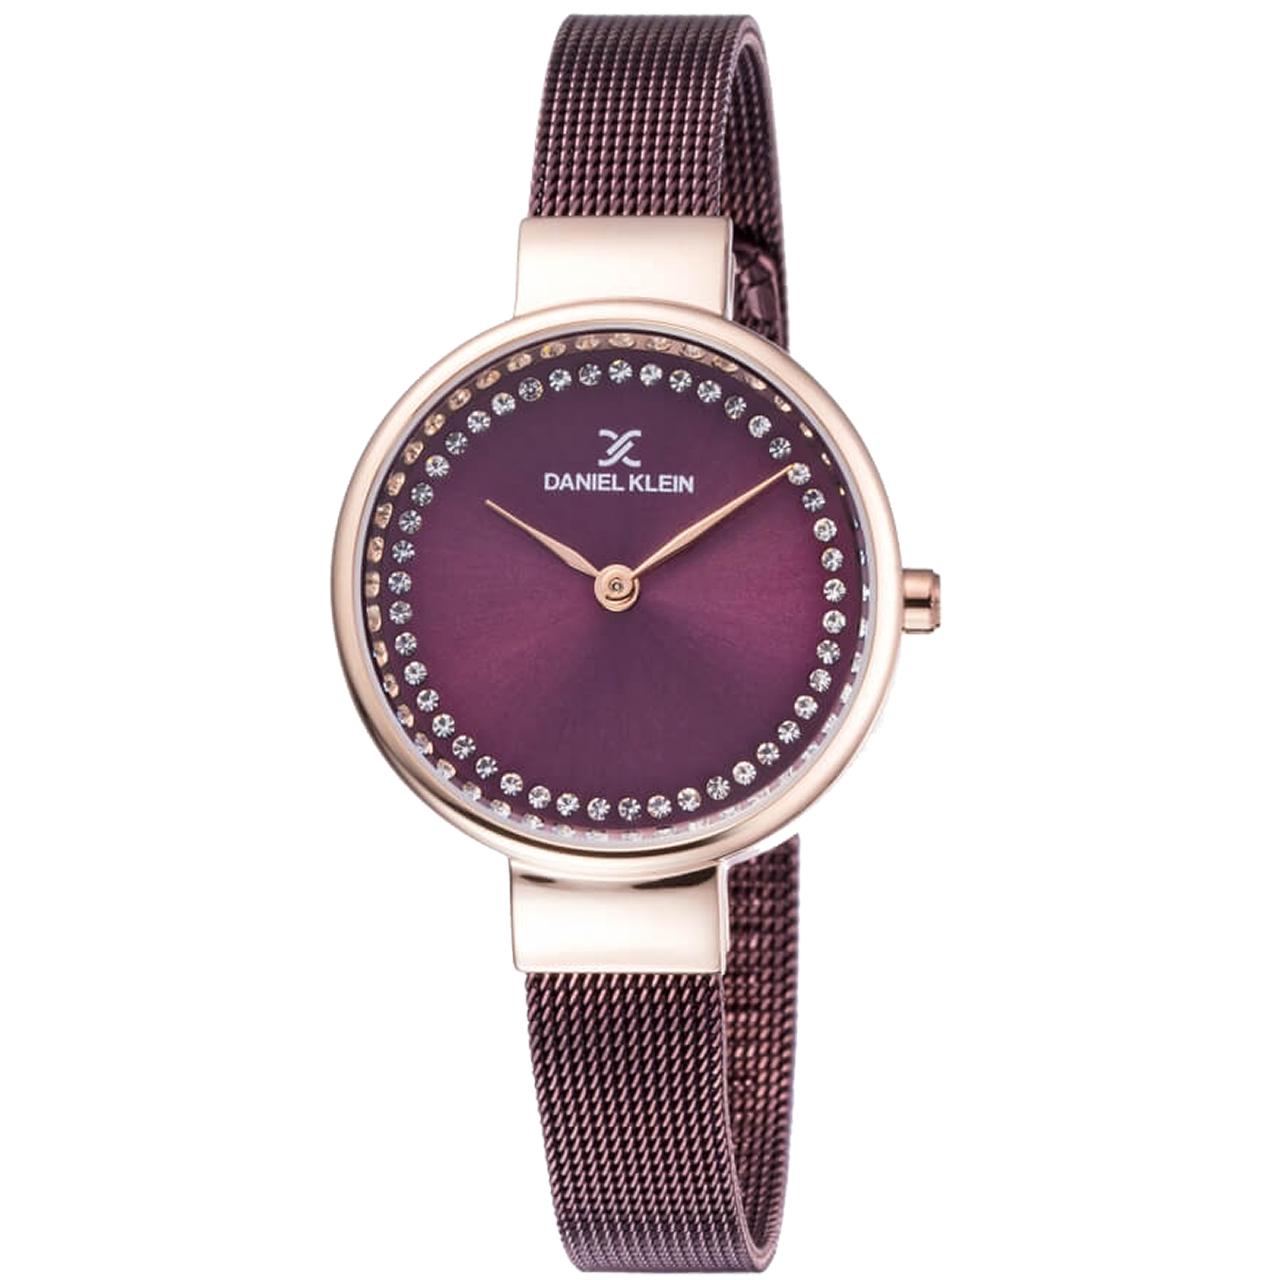 ساعت مچی عقربه ای زنانه دنیل کلین مدل Fiord DK11943-6